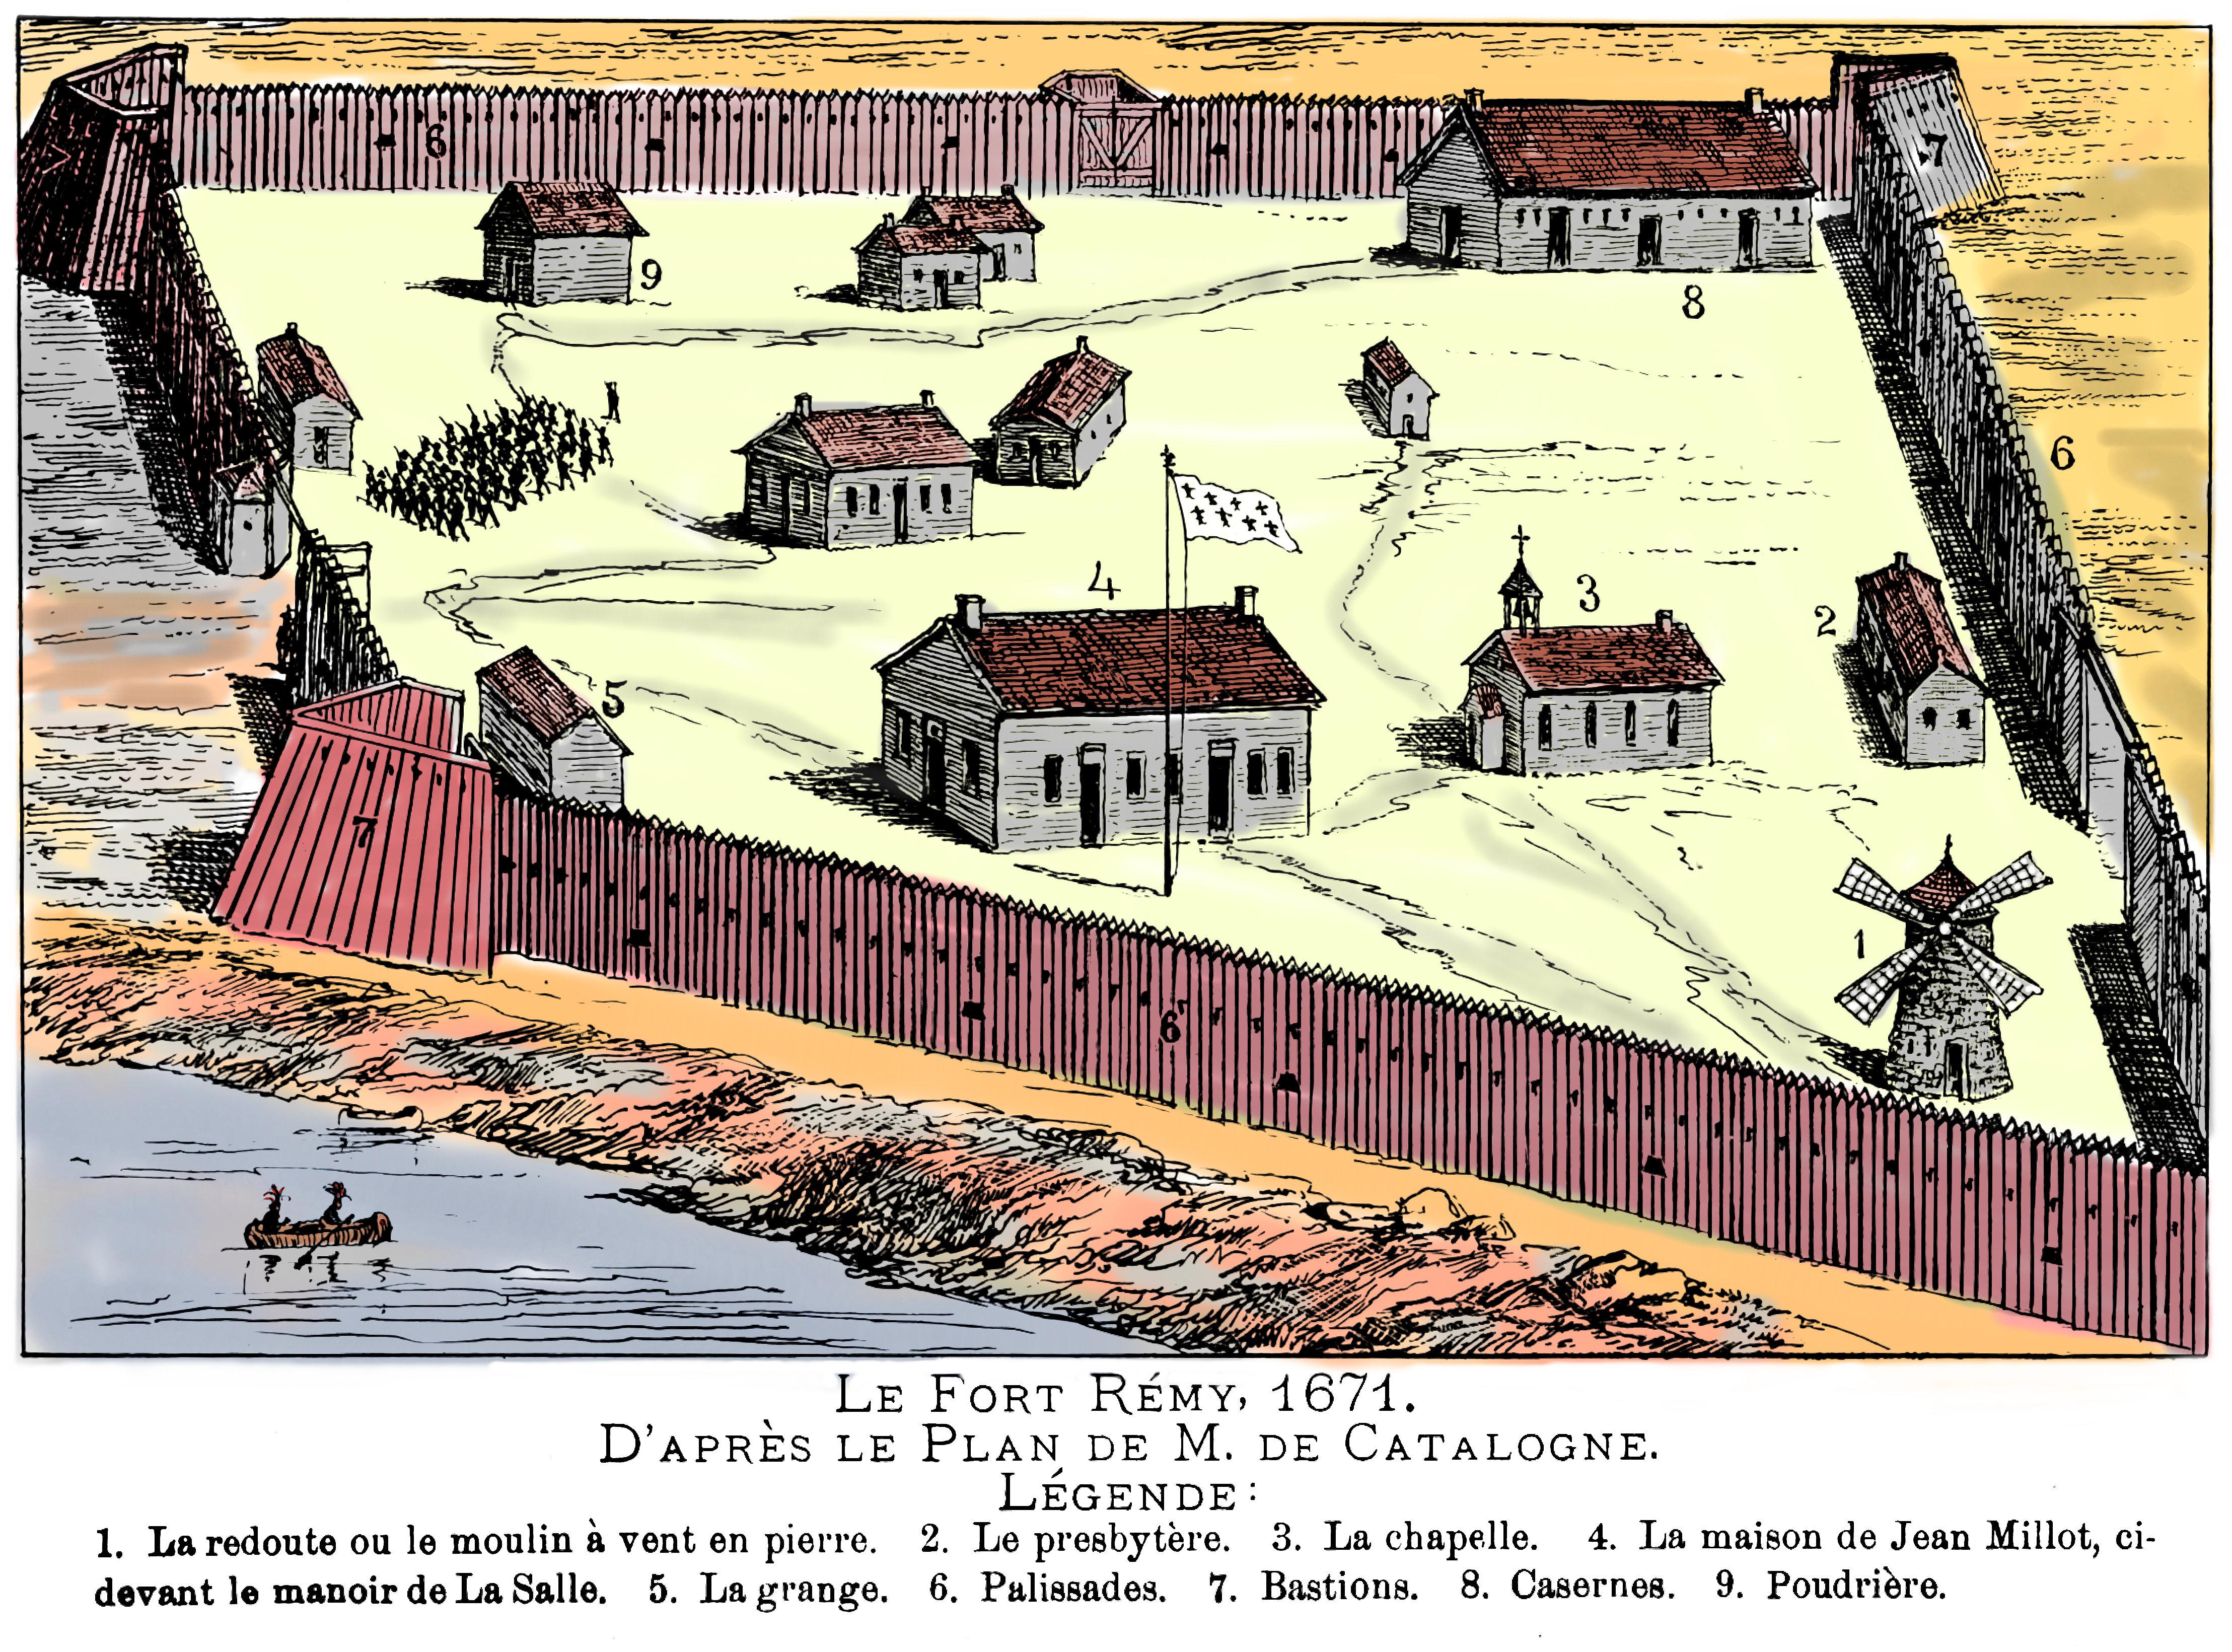 Maison De La Salle fil:le fort rémy en 1671 – wikipedia